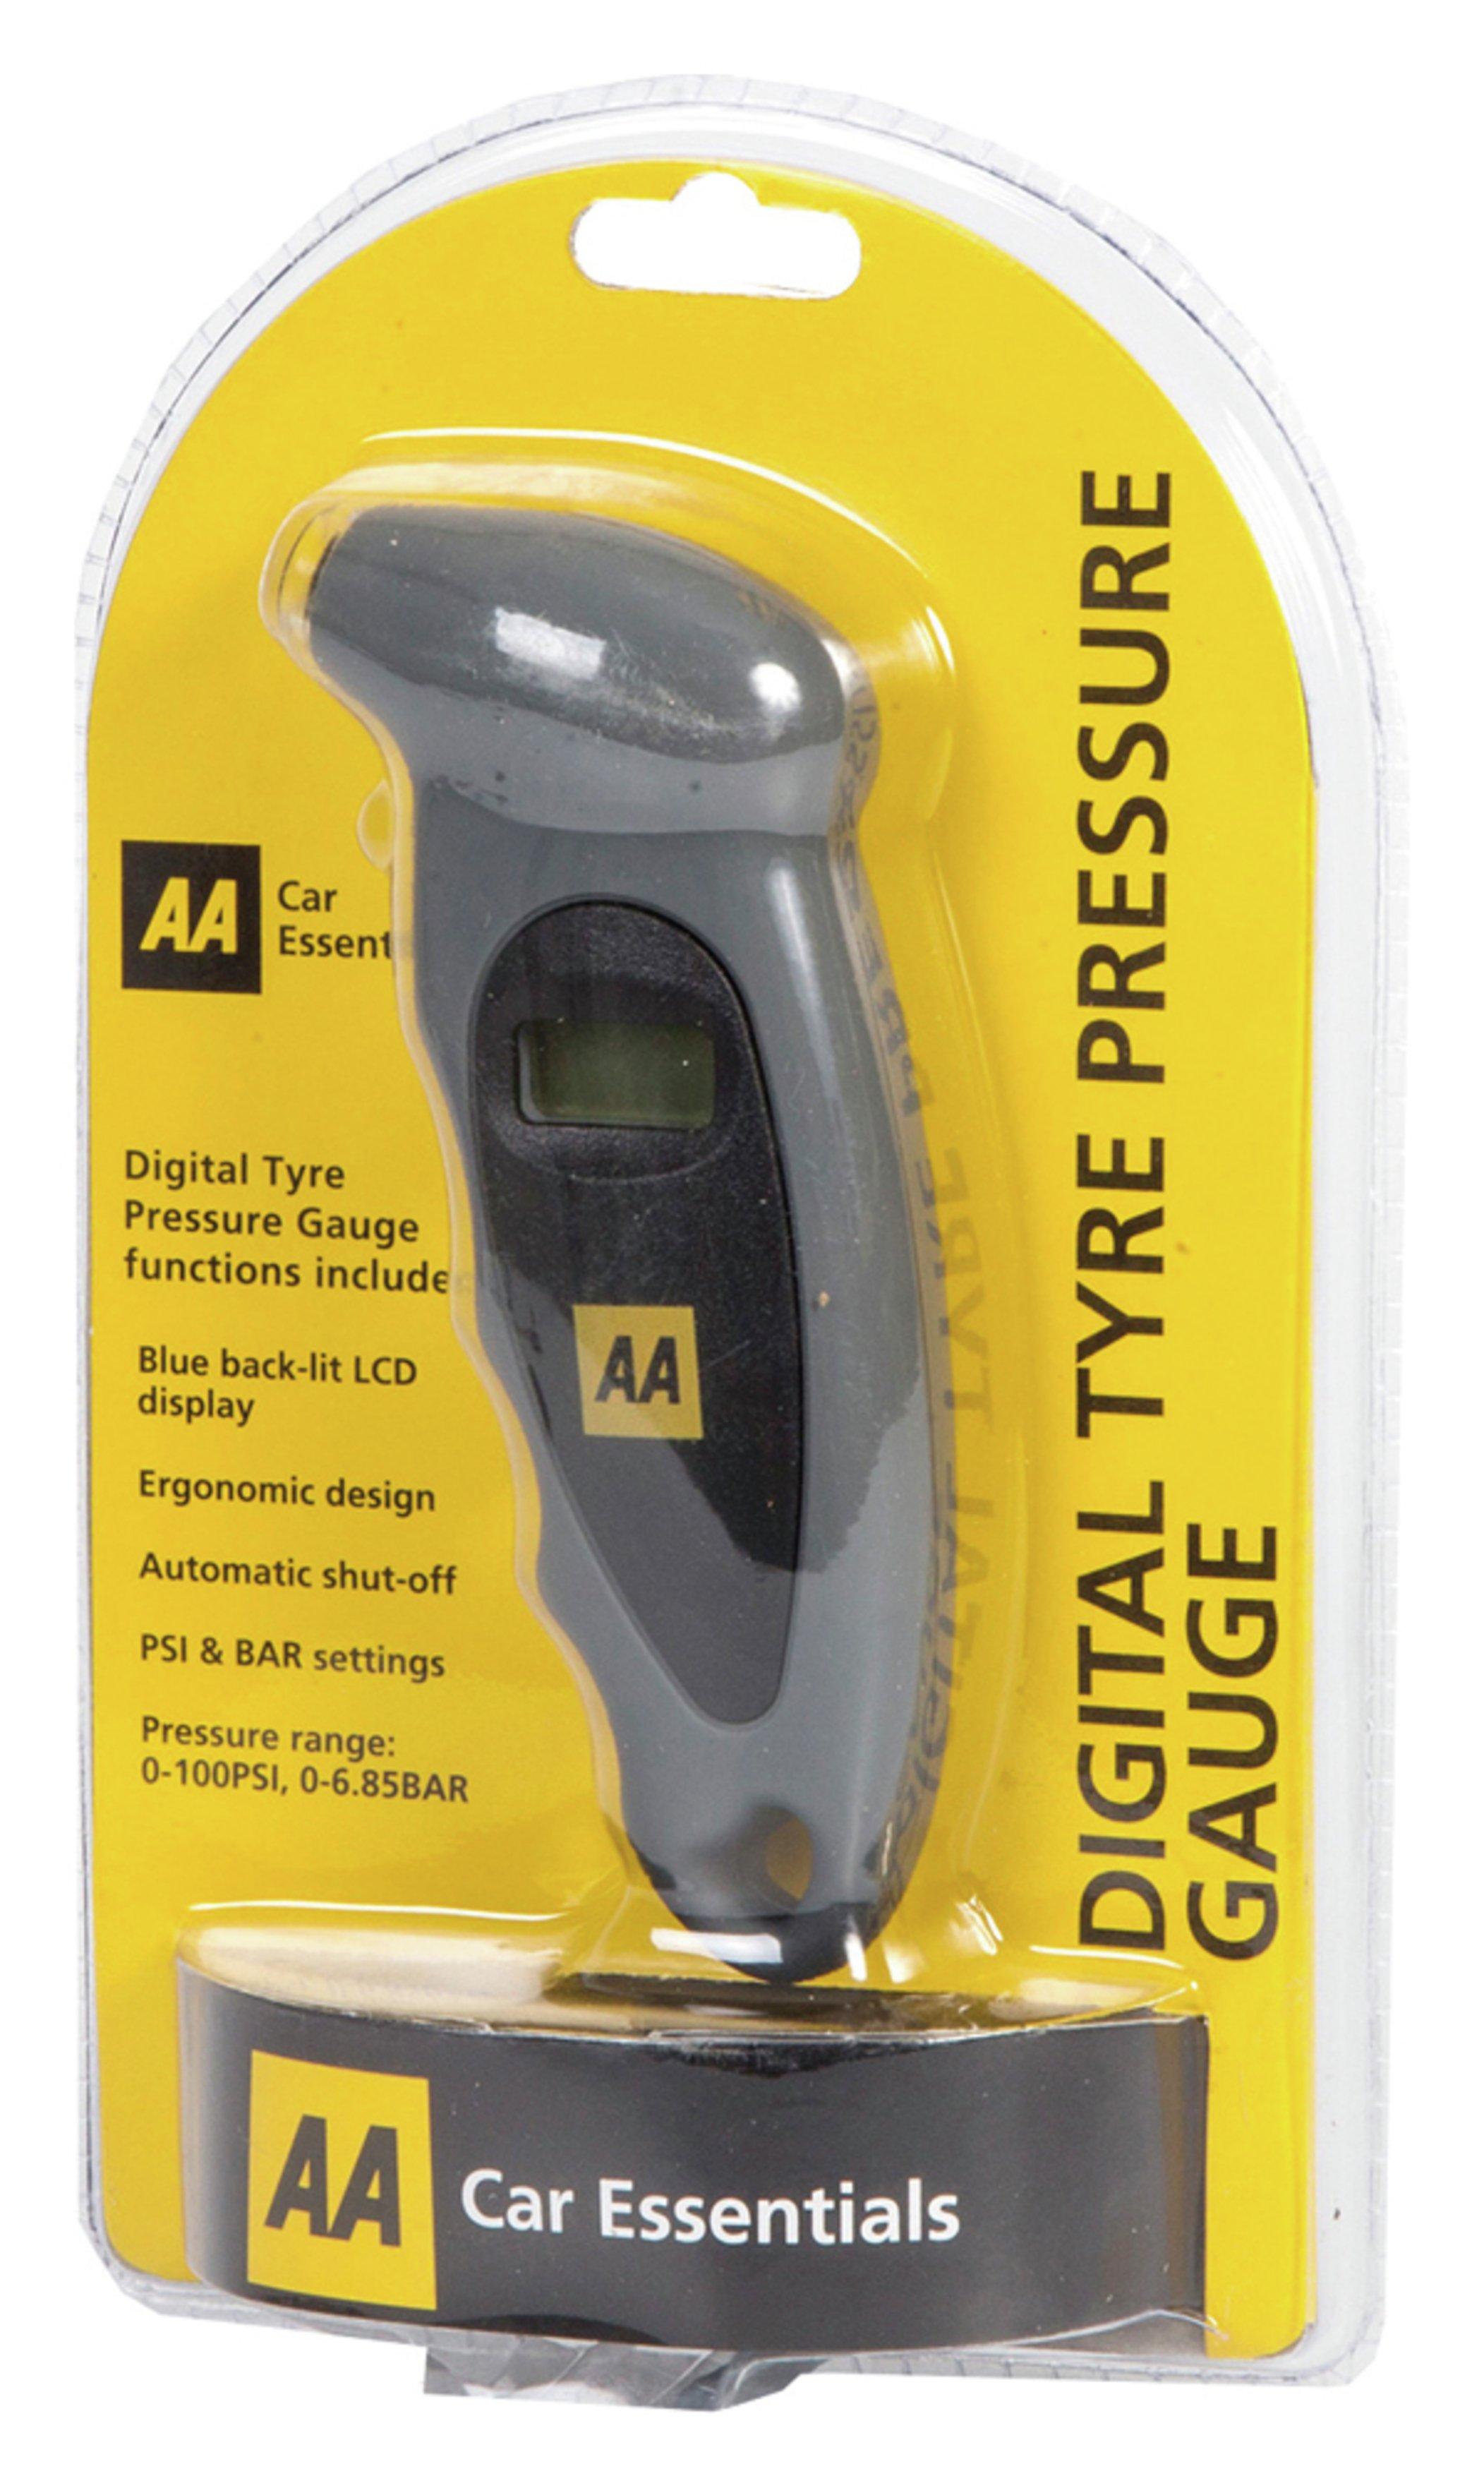 Image of AA Digital Tyre Pressure Gauge